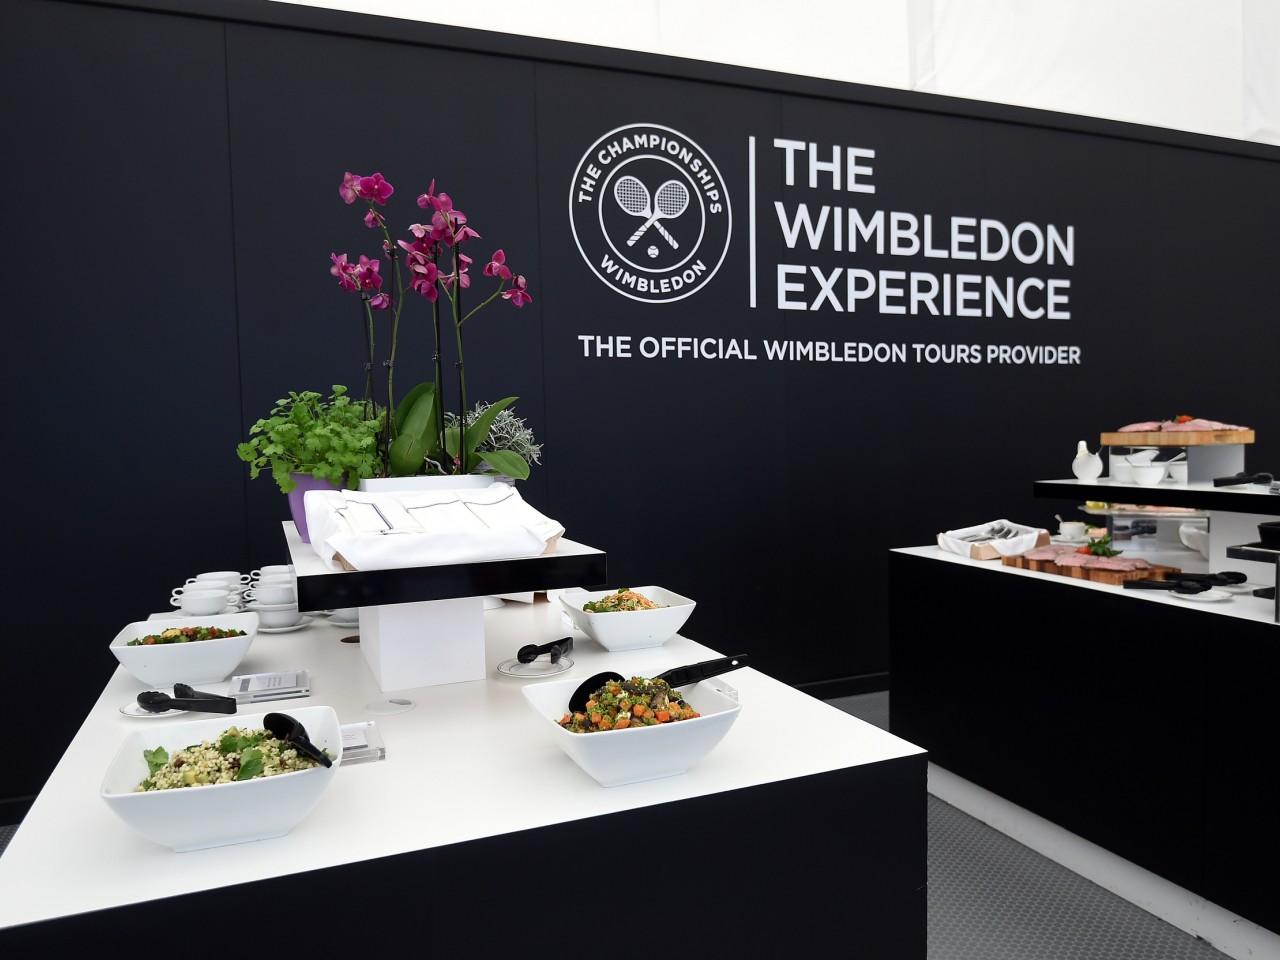 Wimbledon, The Championships 2019